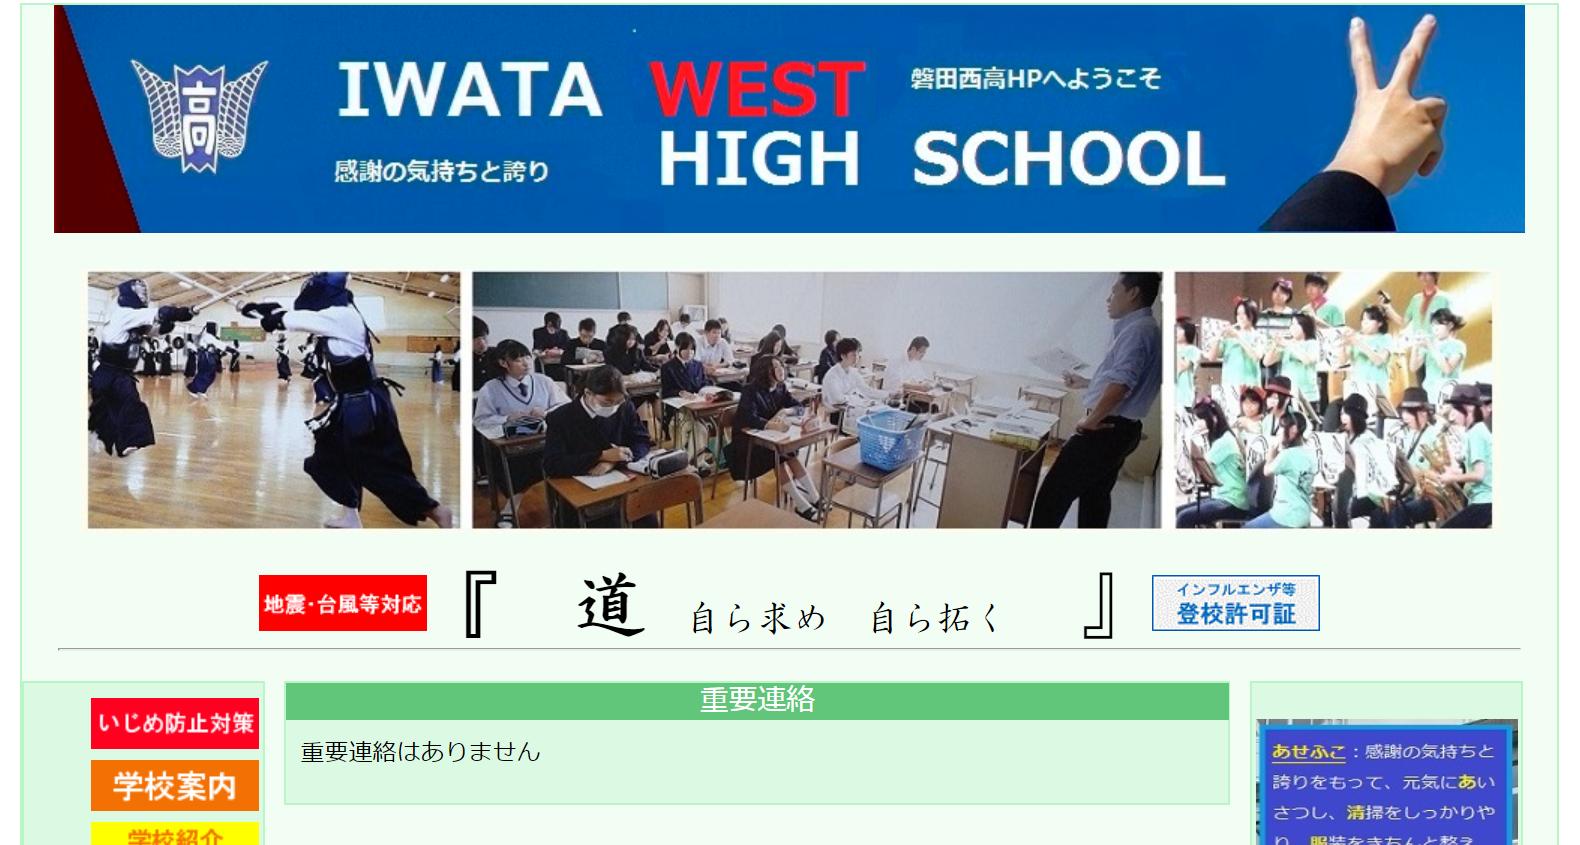 磐田西高校の口コミ・評判